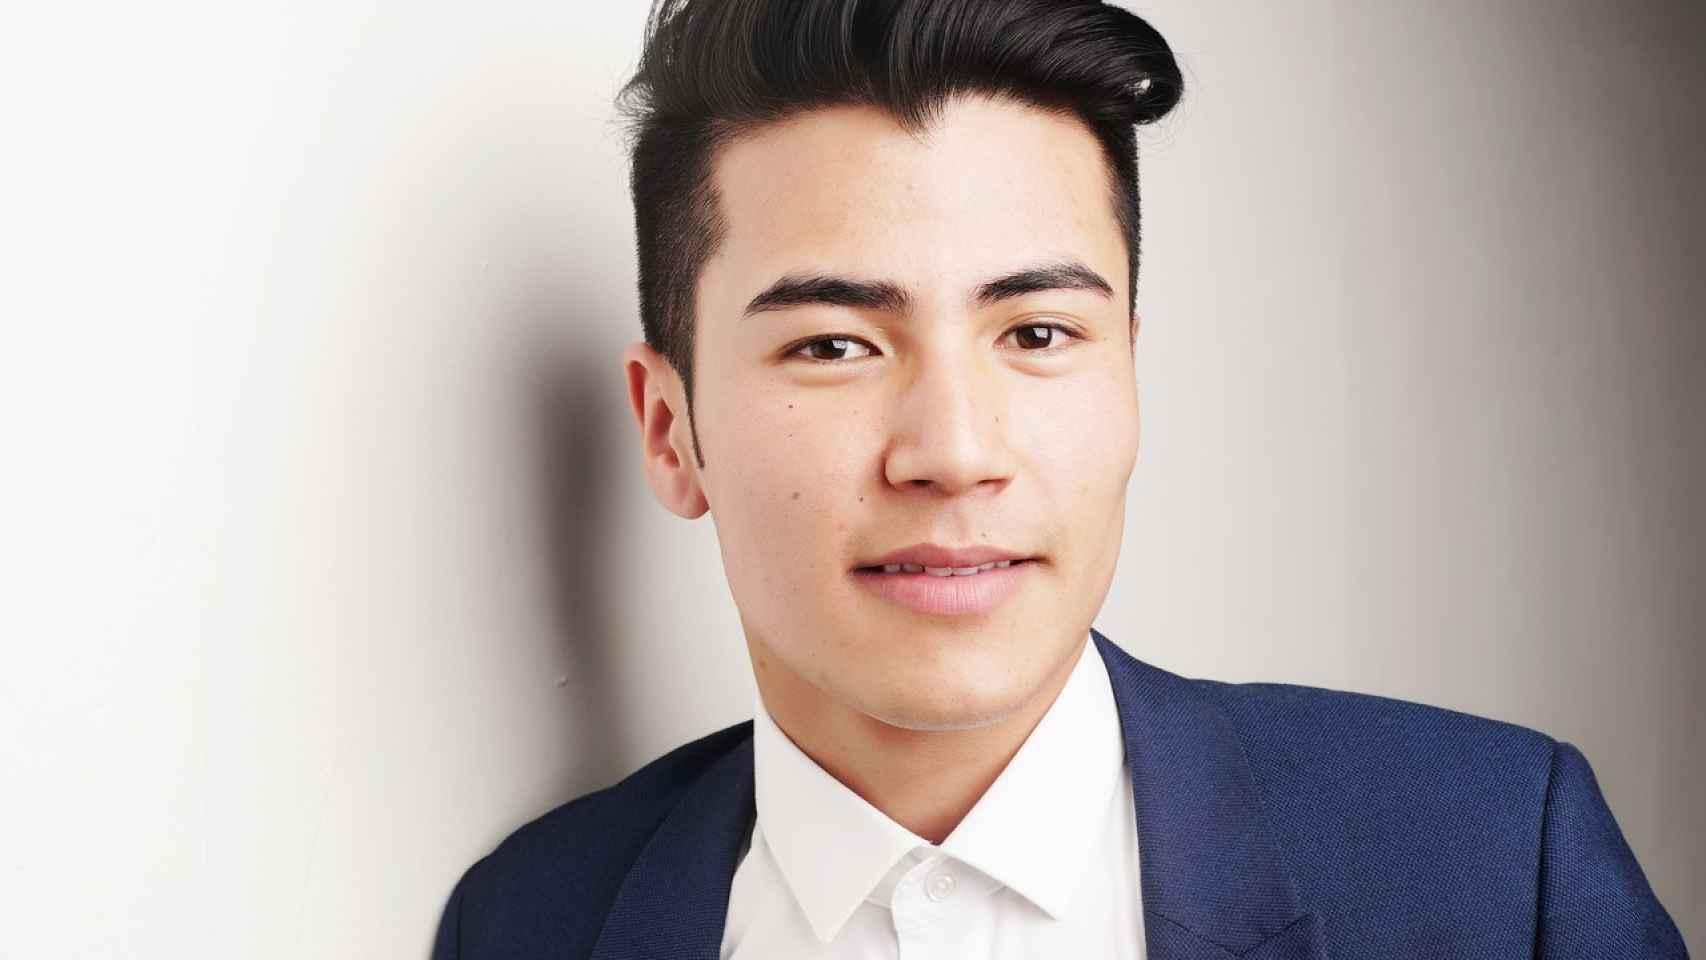 Cómo Hacer Peinados Para Hombres De Pelo Corto 2019